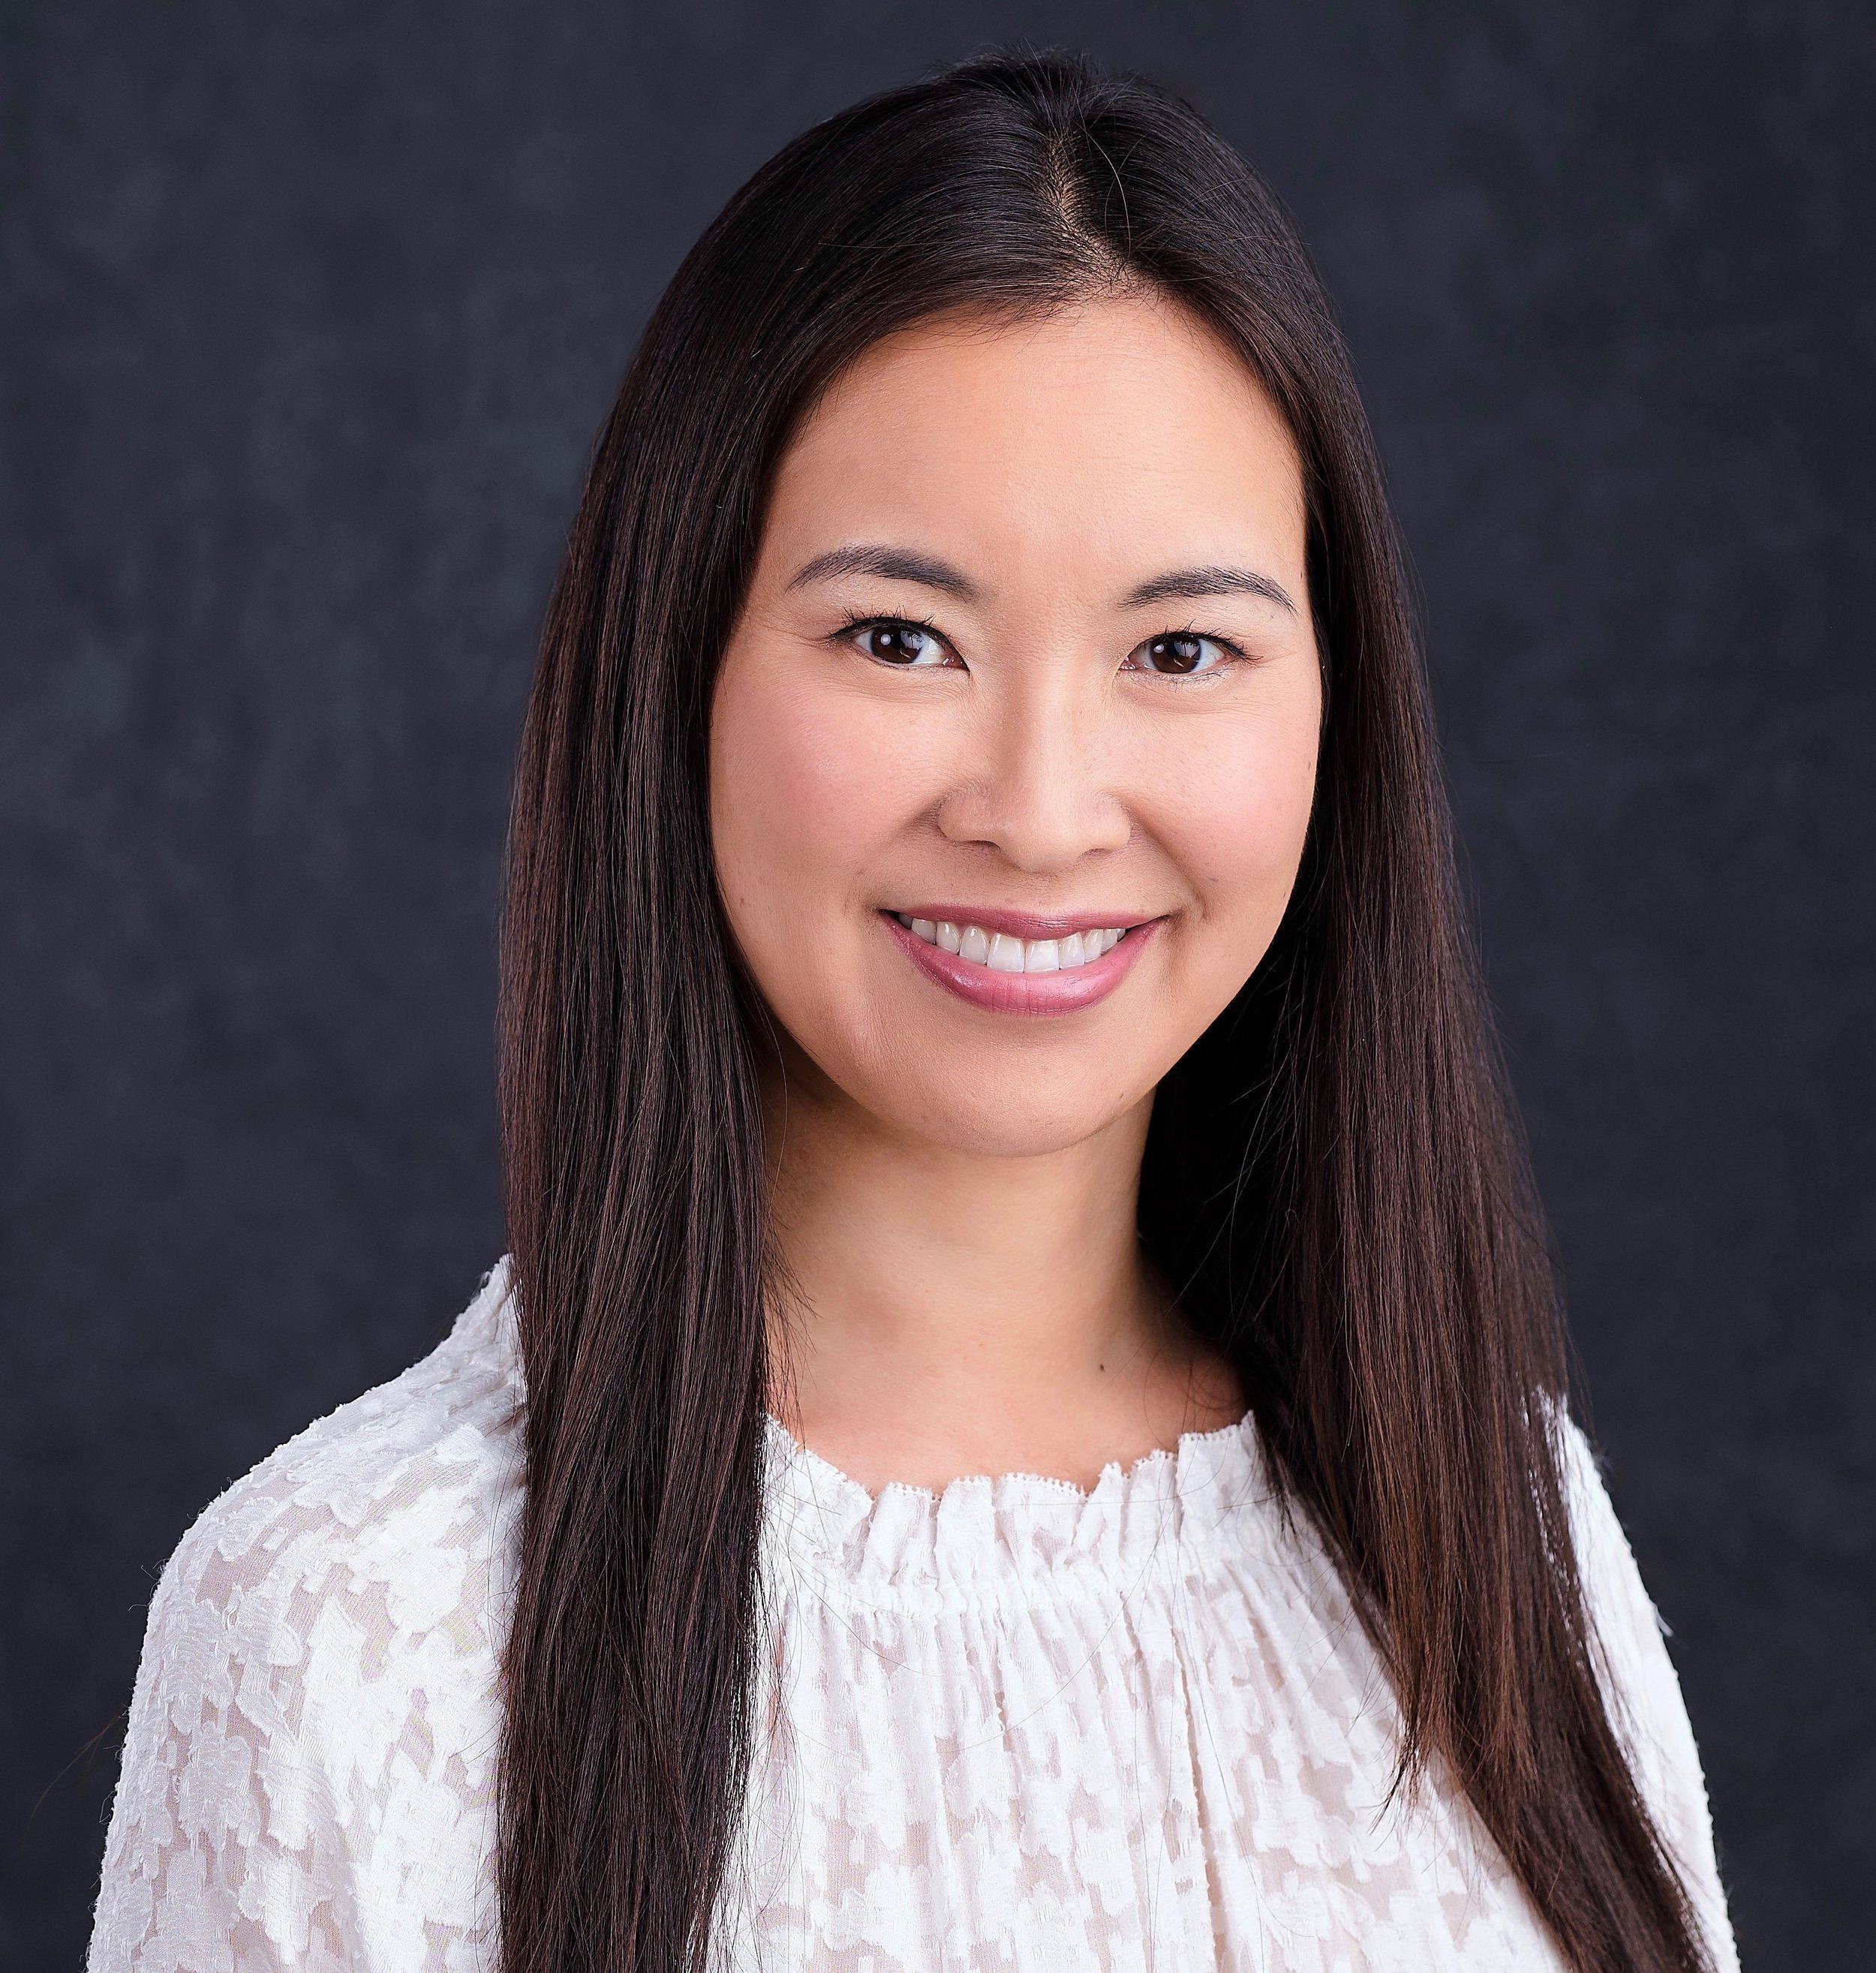 PatientPing Employee Spotlight: Joanne Cheng, CFO, Head of Finance